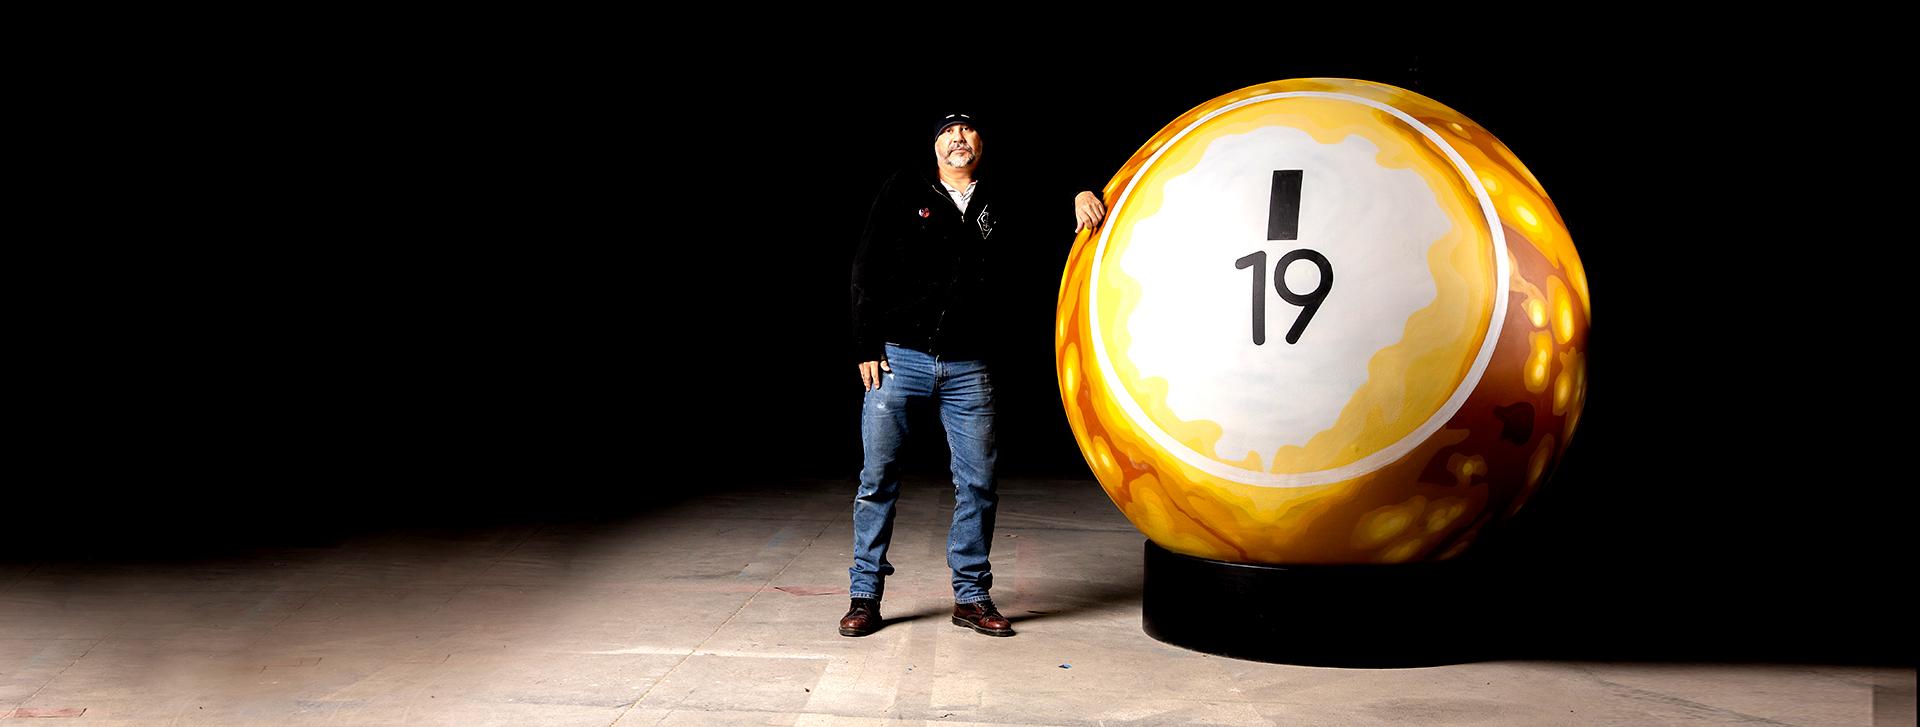 man with giant bingo ball